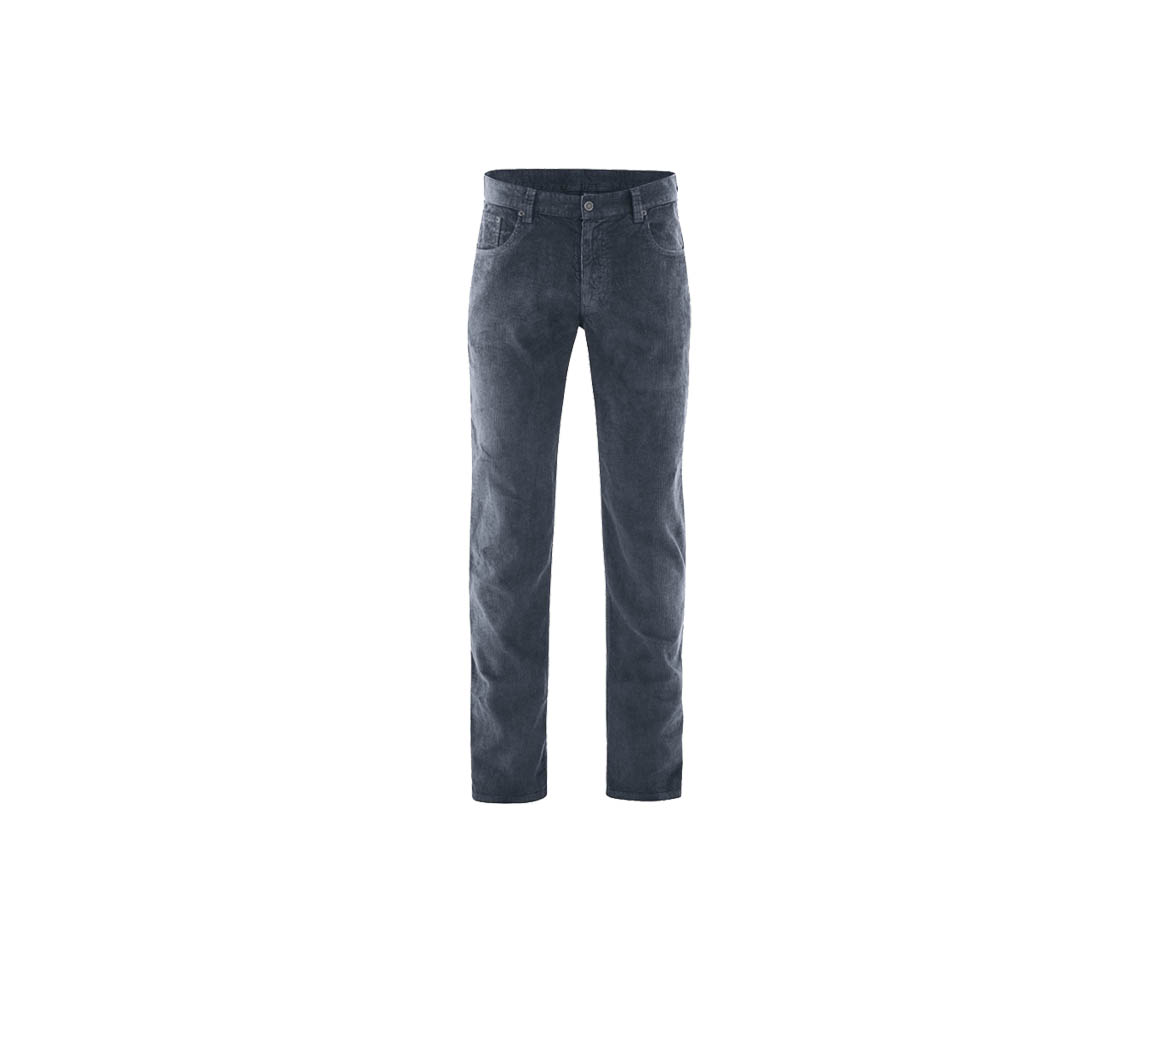 Pantalon femme en velours côtelé Cord Pants